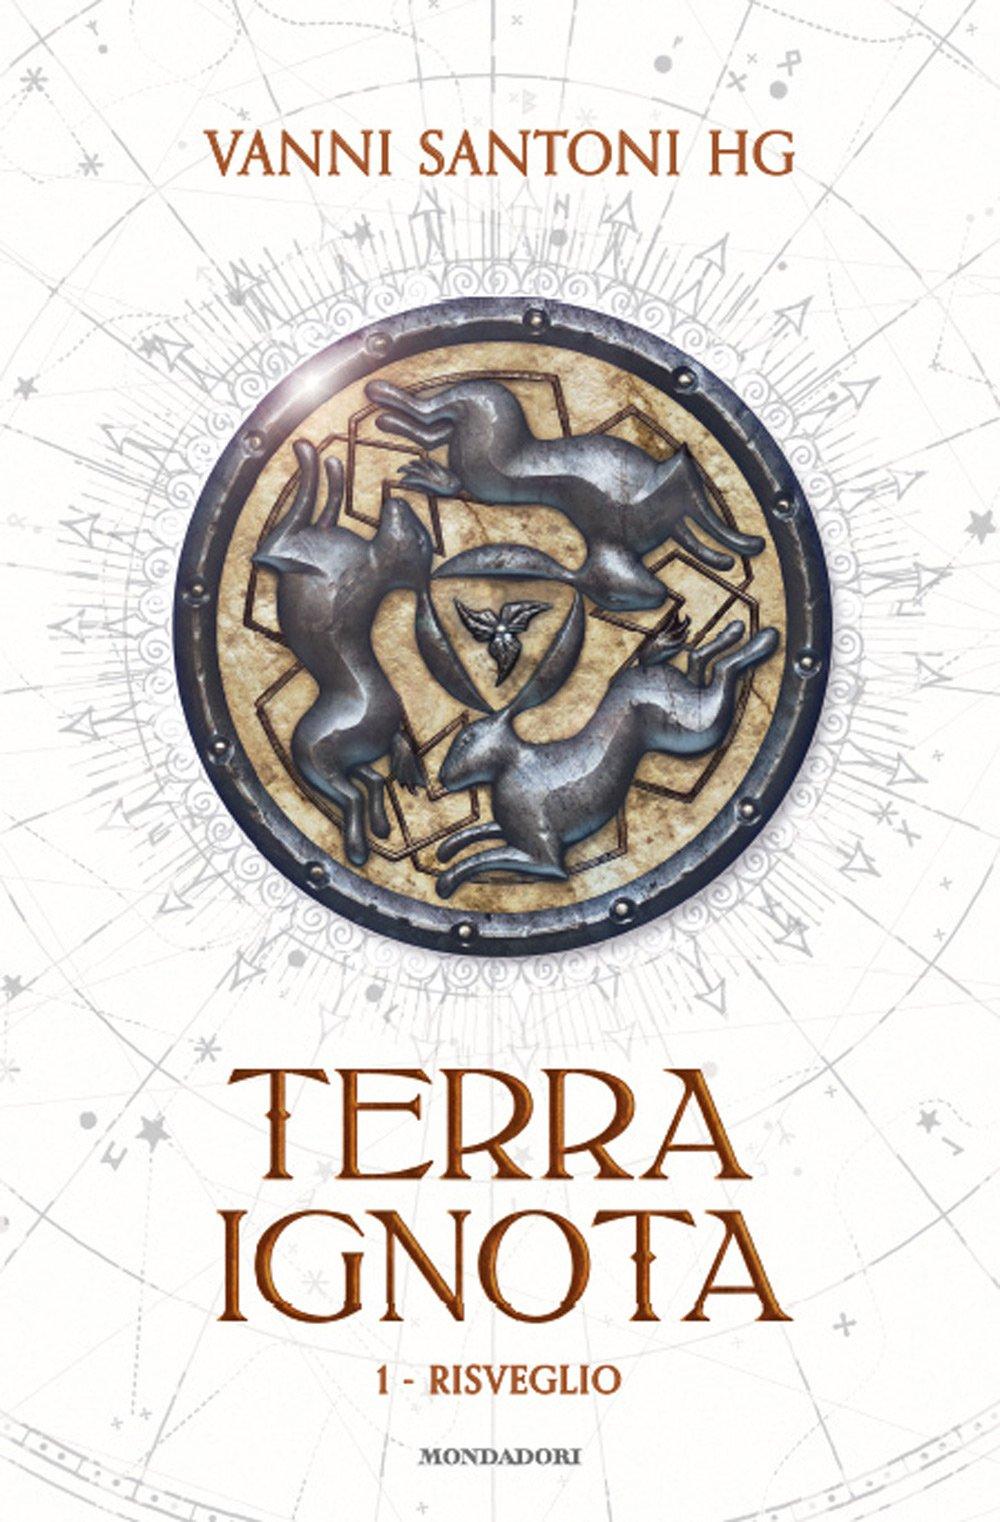 Terra ignota 1, 2013